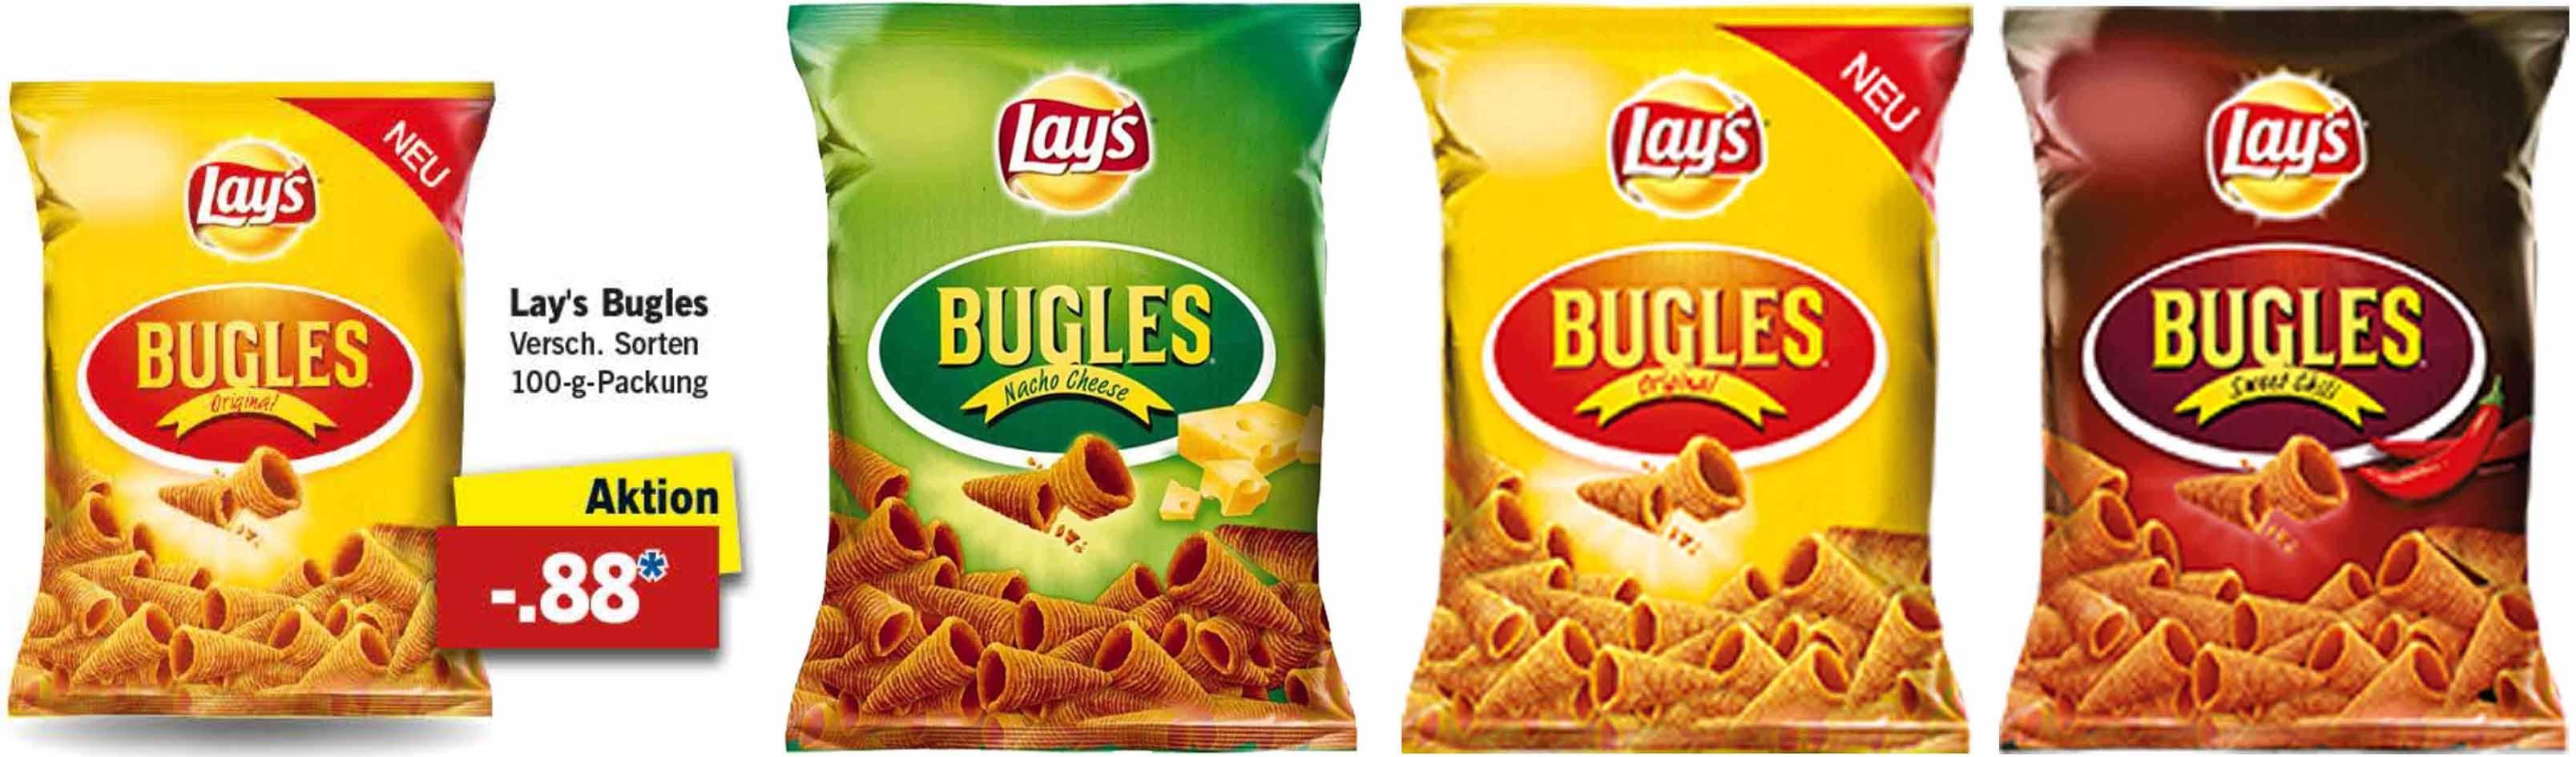 [LIDL] Lay's Bugles Chips für nur 88 Cent - bundesweit - ab 6.2.